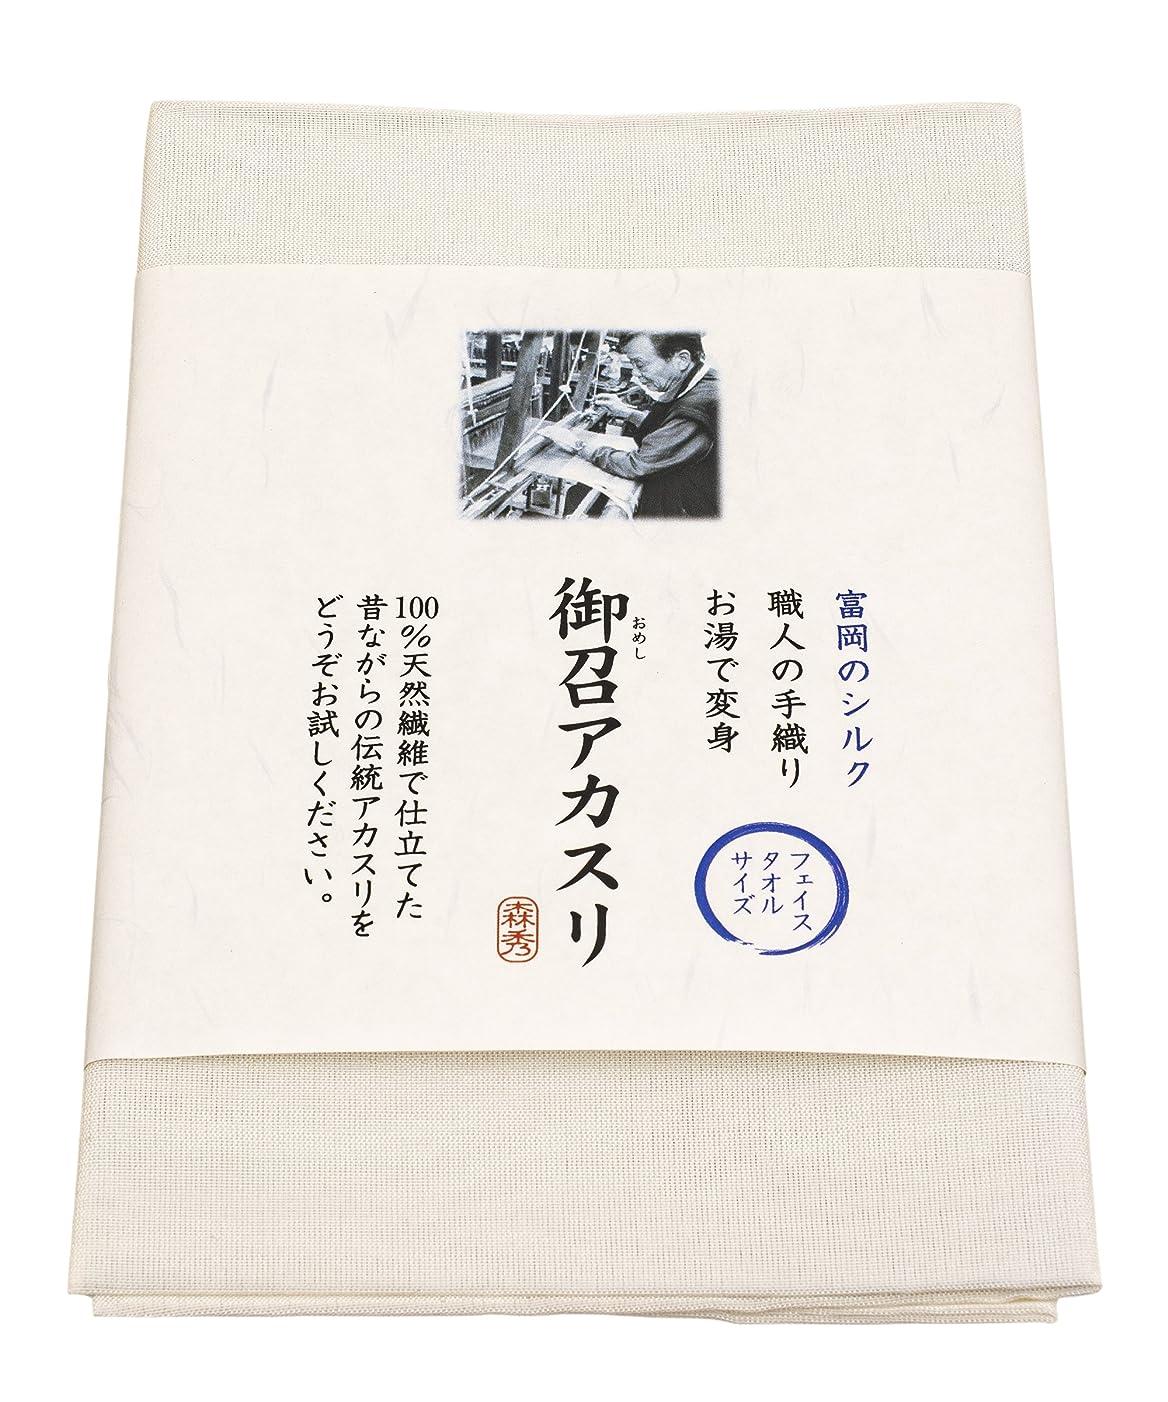 神秘オフセット思春期の森秀織物 御召アカスリ (60×40cm, 富岡シルク, 生成り)